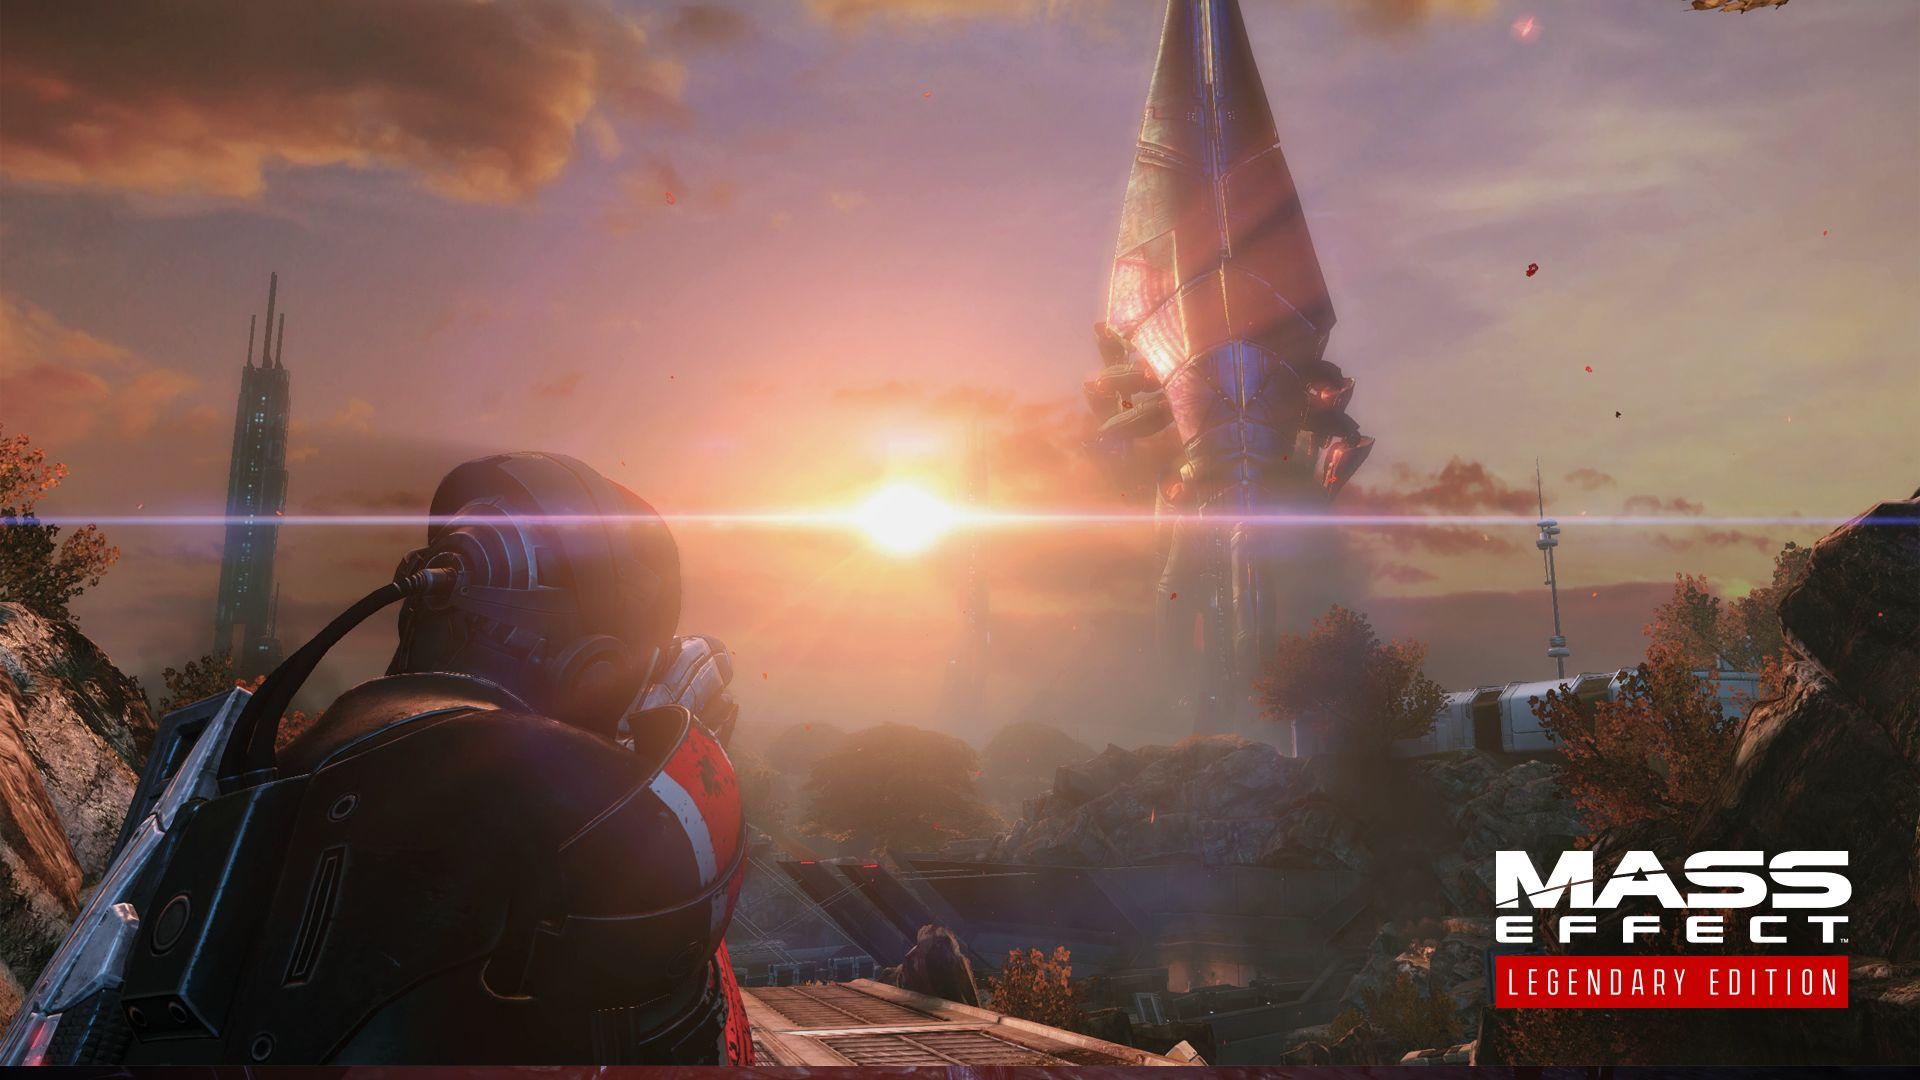 mass-effect-legendary-edition-pc-screenshot-1